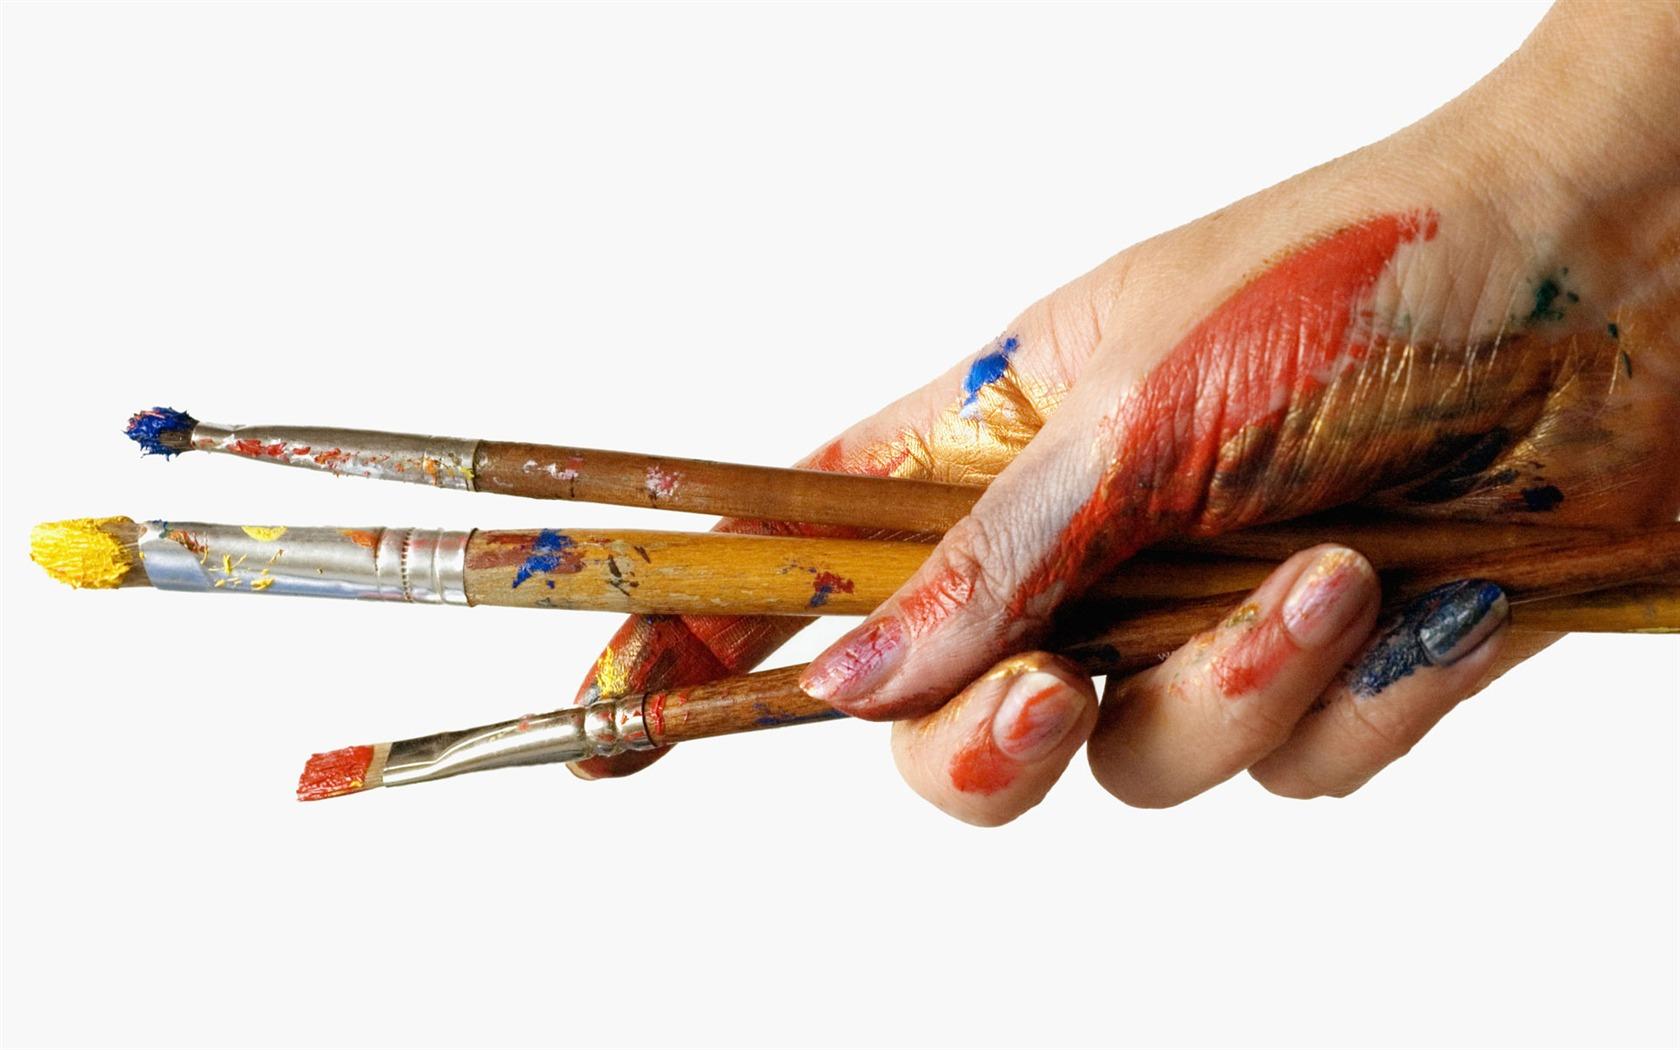 pincel con pintura. colorido fondo de pantalla pinceles pintura (1) #8 - 1680x1050. pincel con r